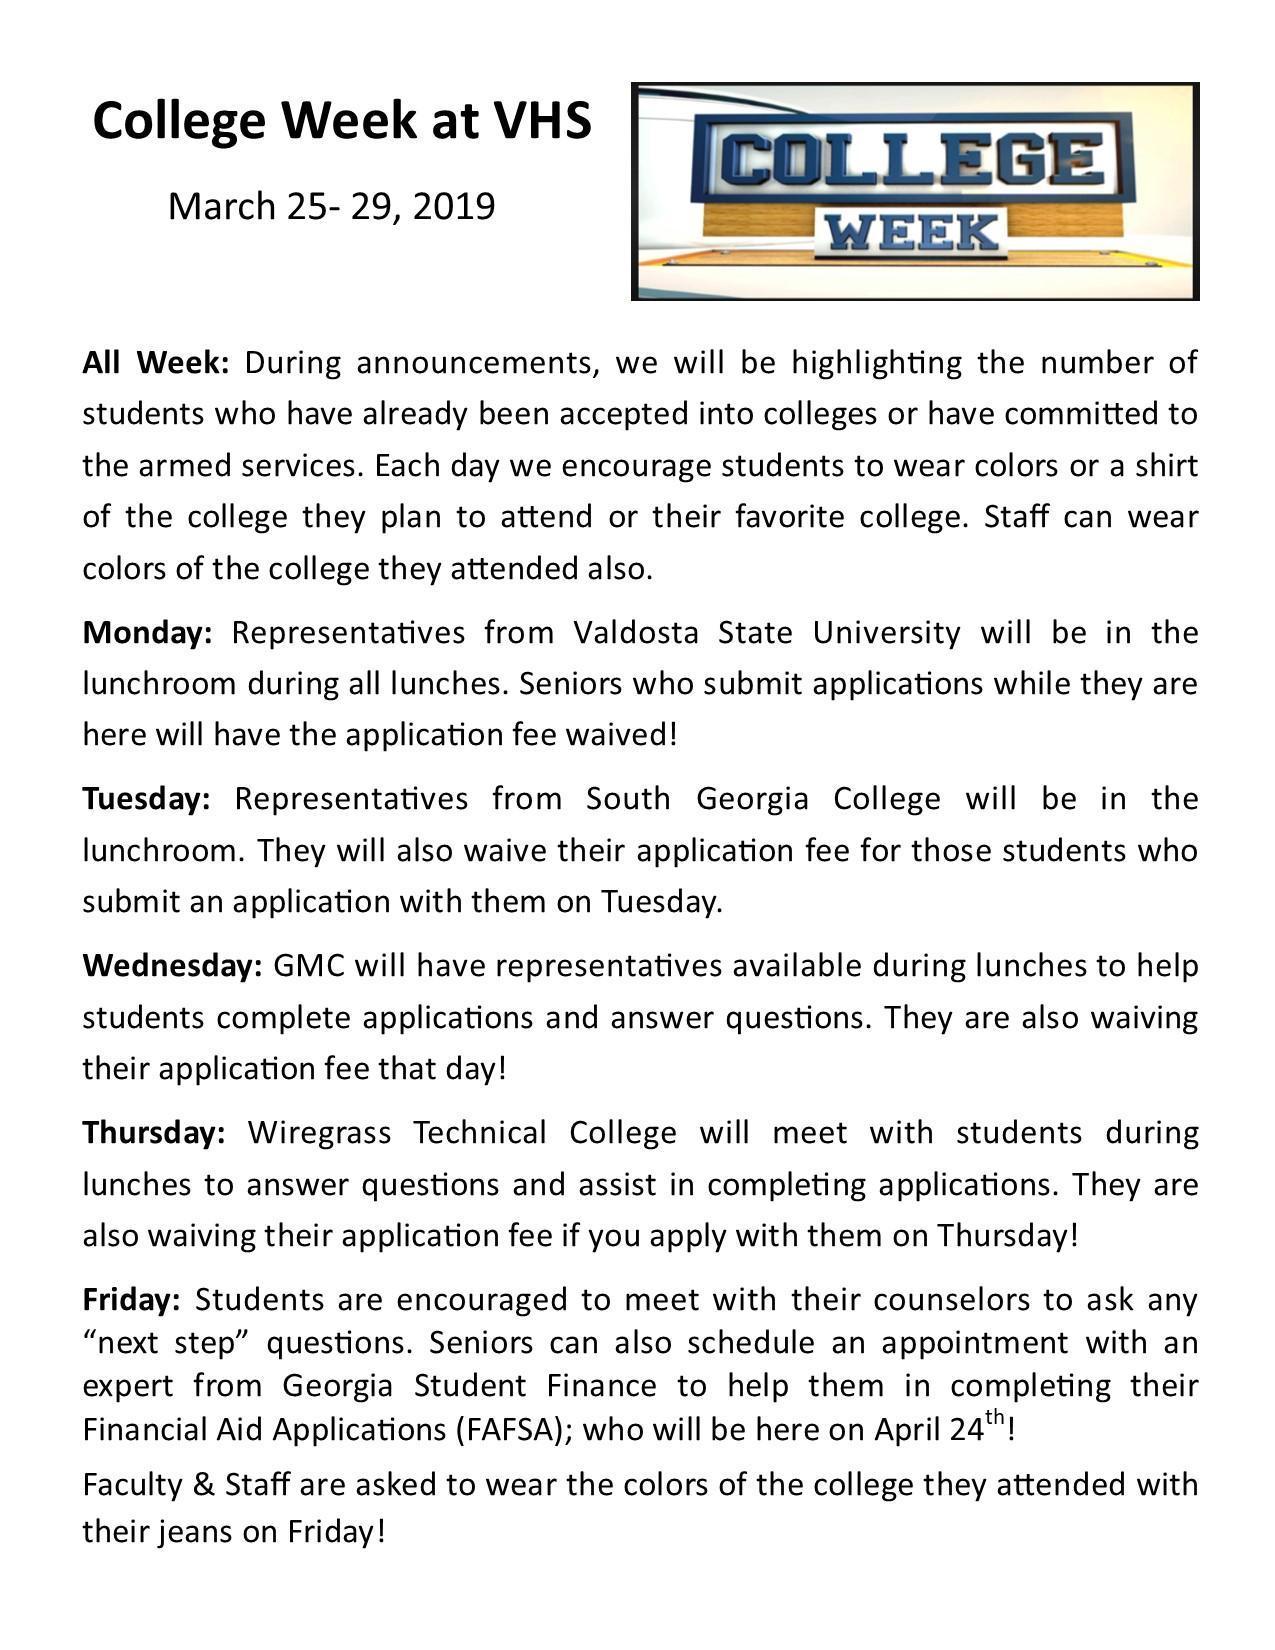 College Week 2019